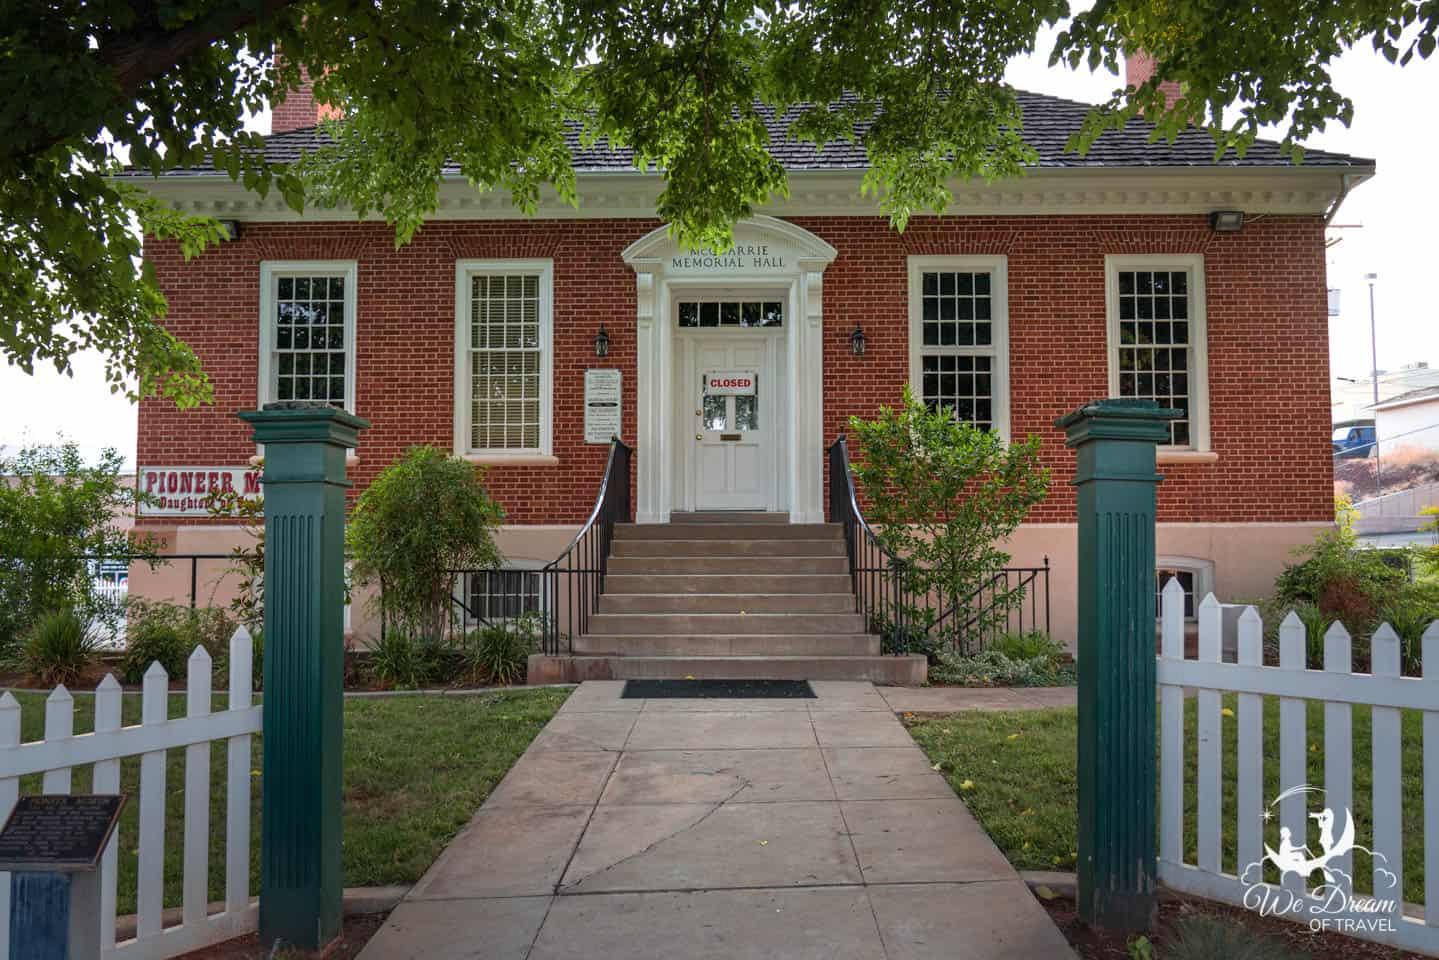 Entrance to the Daughters of the Utah Pioneers Museum in St George Utah